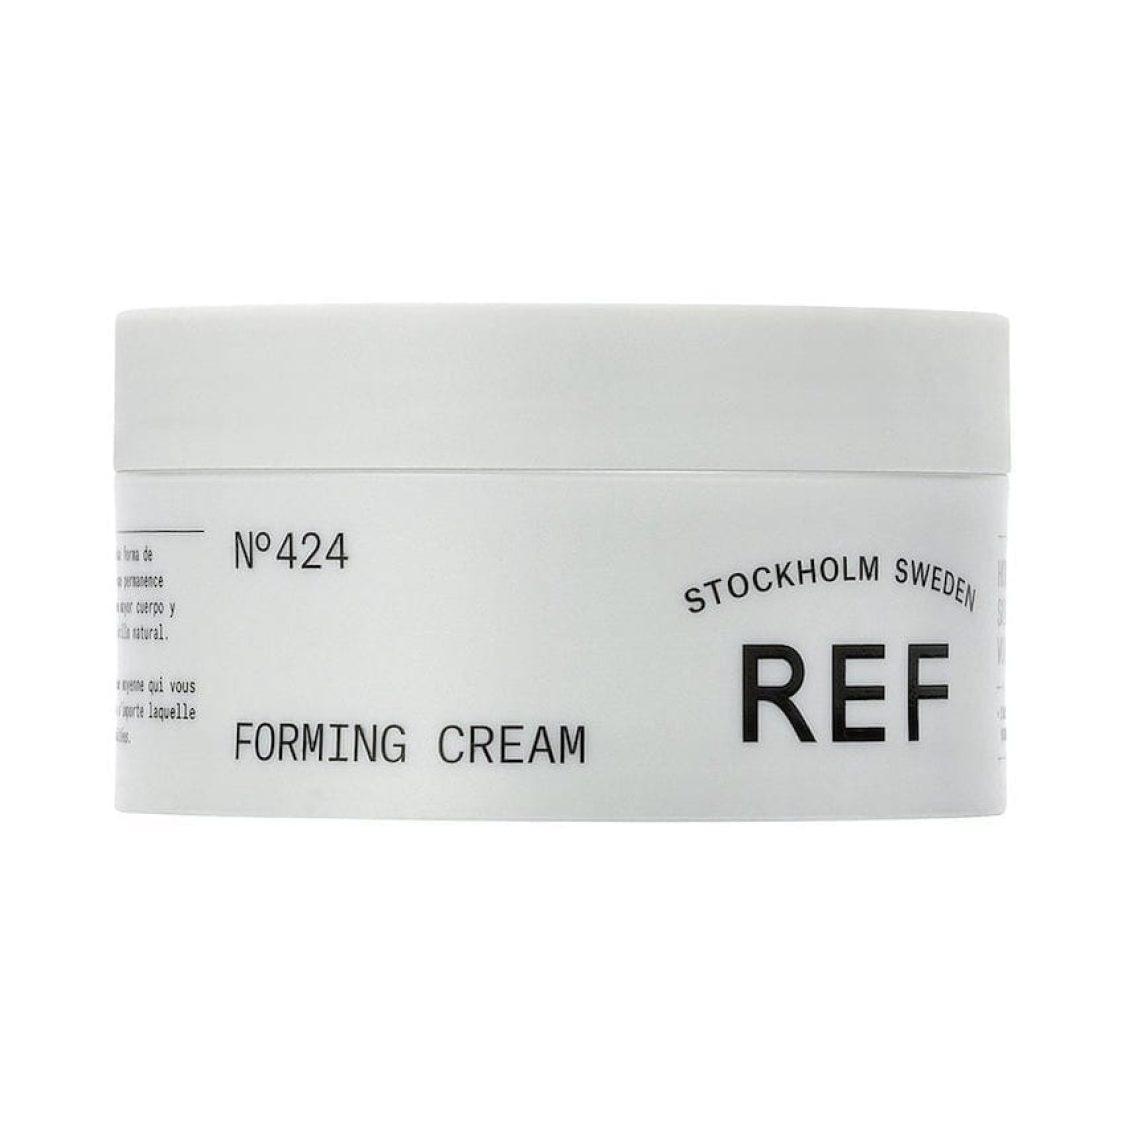 REF - Forming Cream 85ml